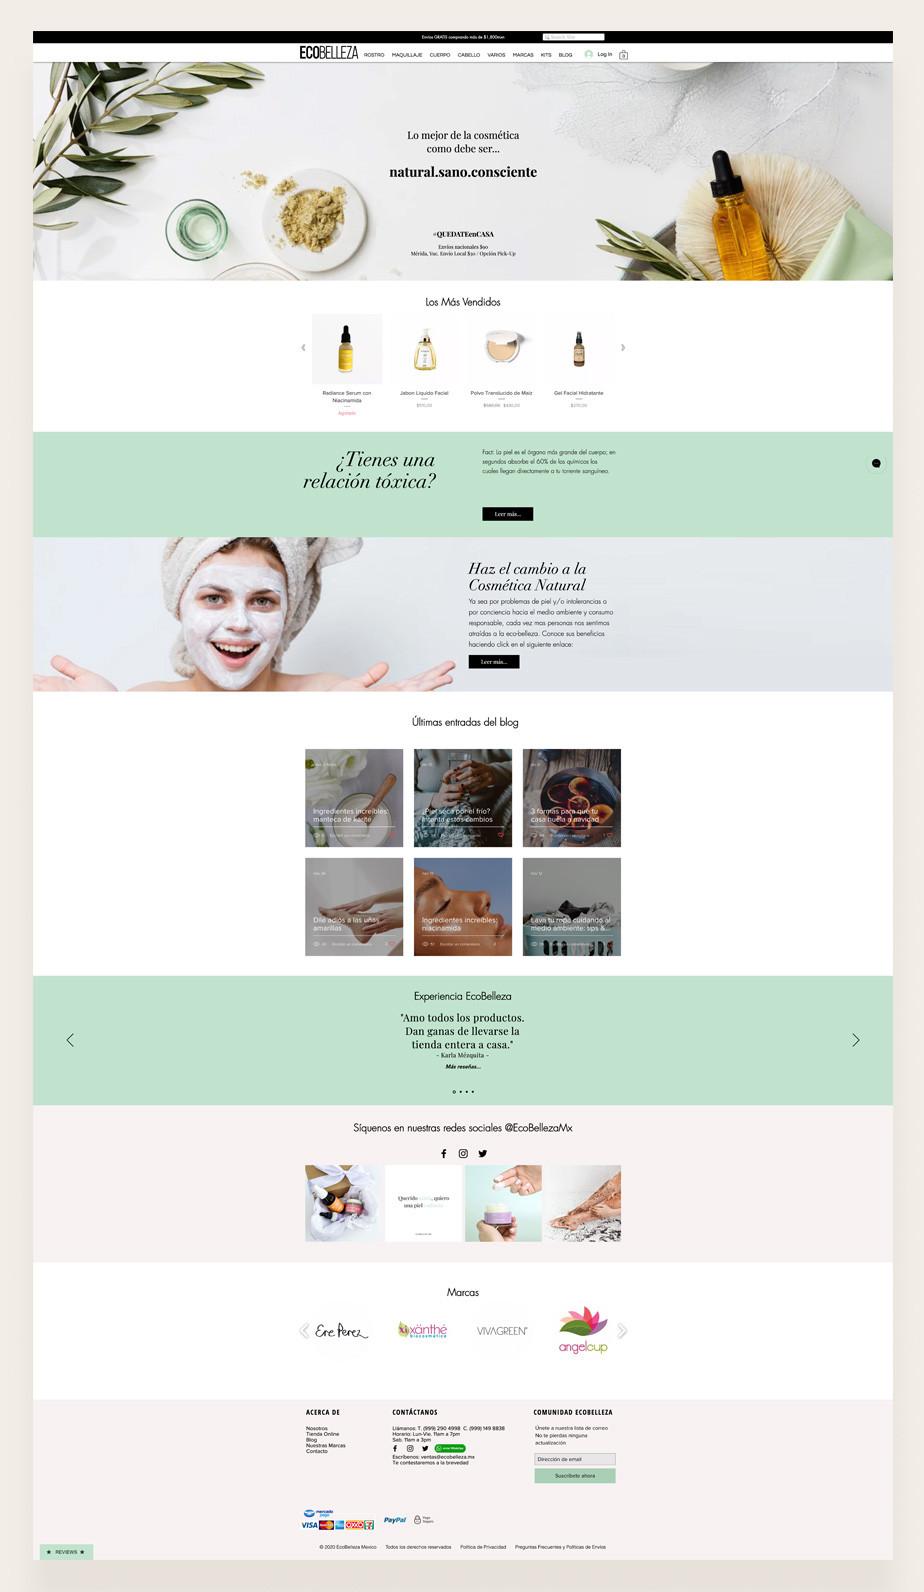 Captura de pantalla de Ecobelleza como ejemplo de las mejores tiendas ecologicas